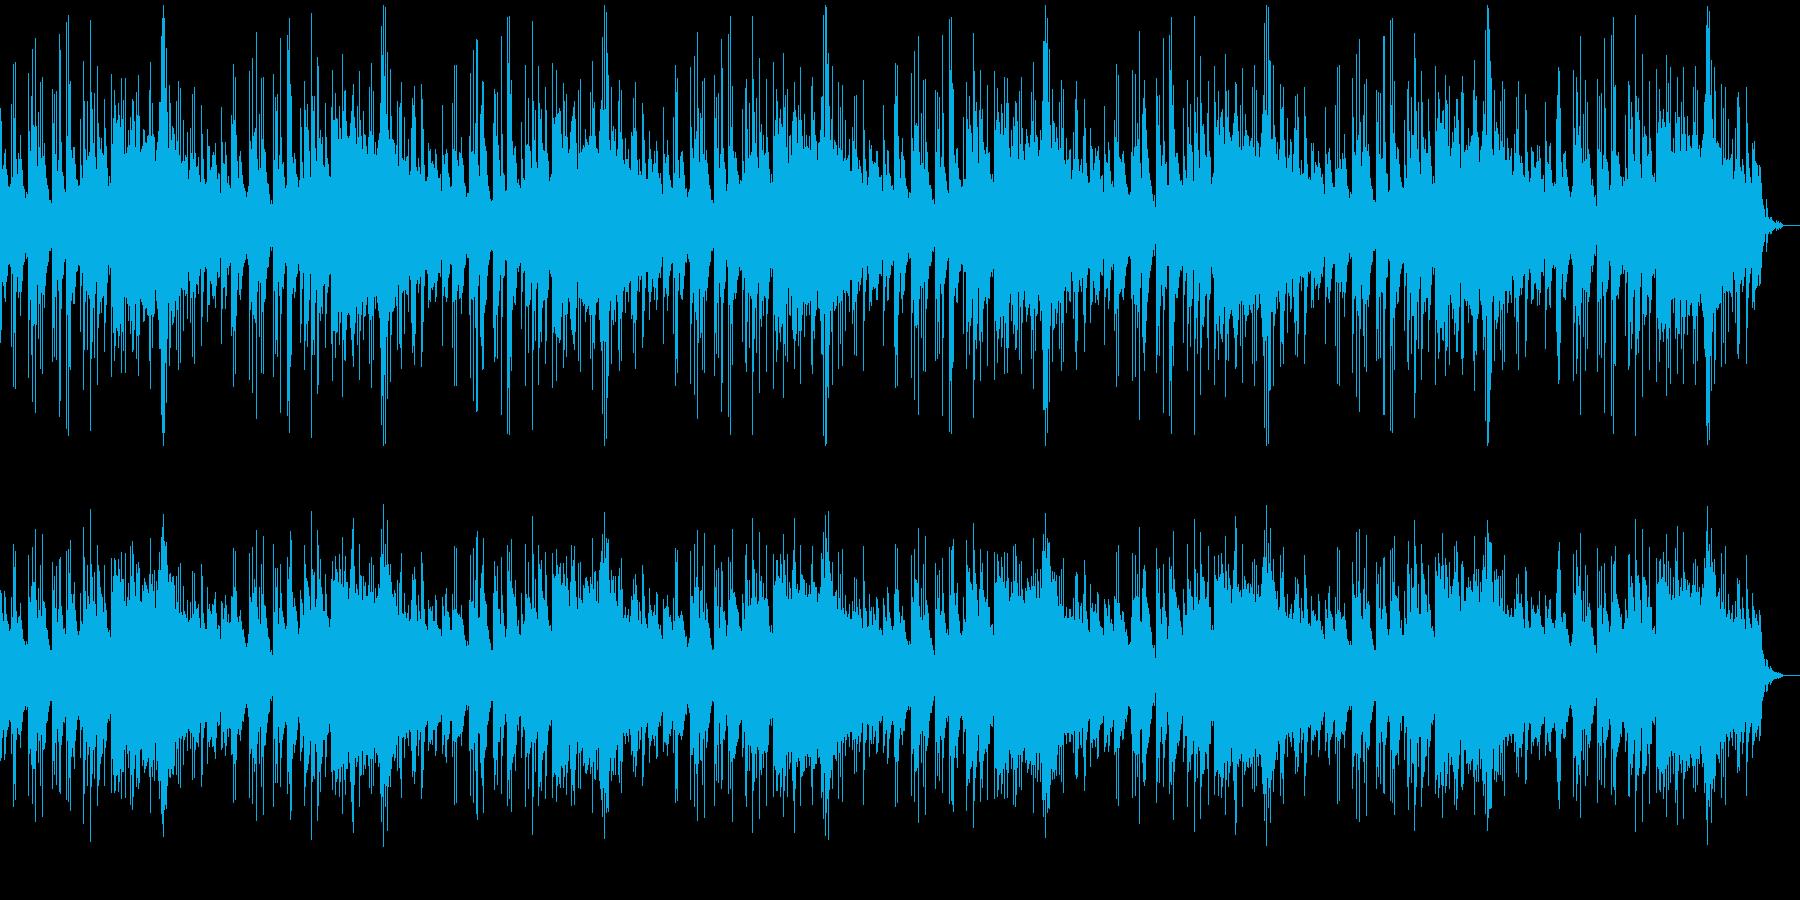 美しく悲しい旋律のピアノの曲の再生済みの波形